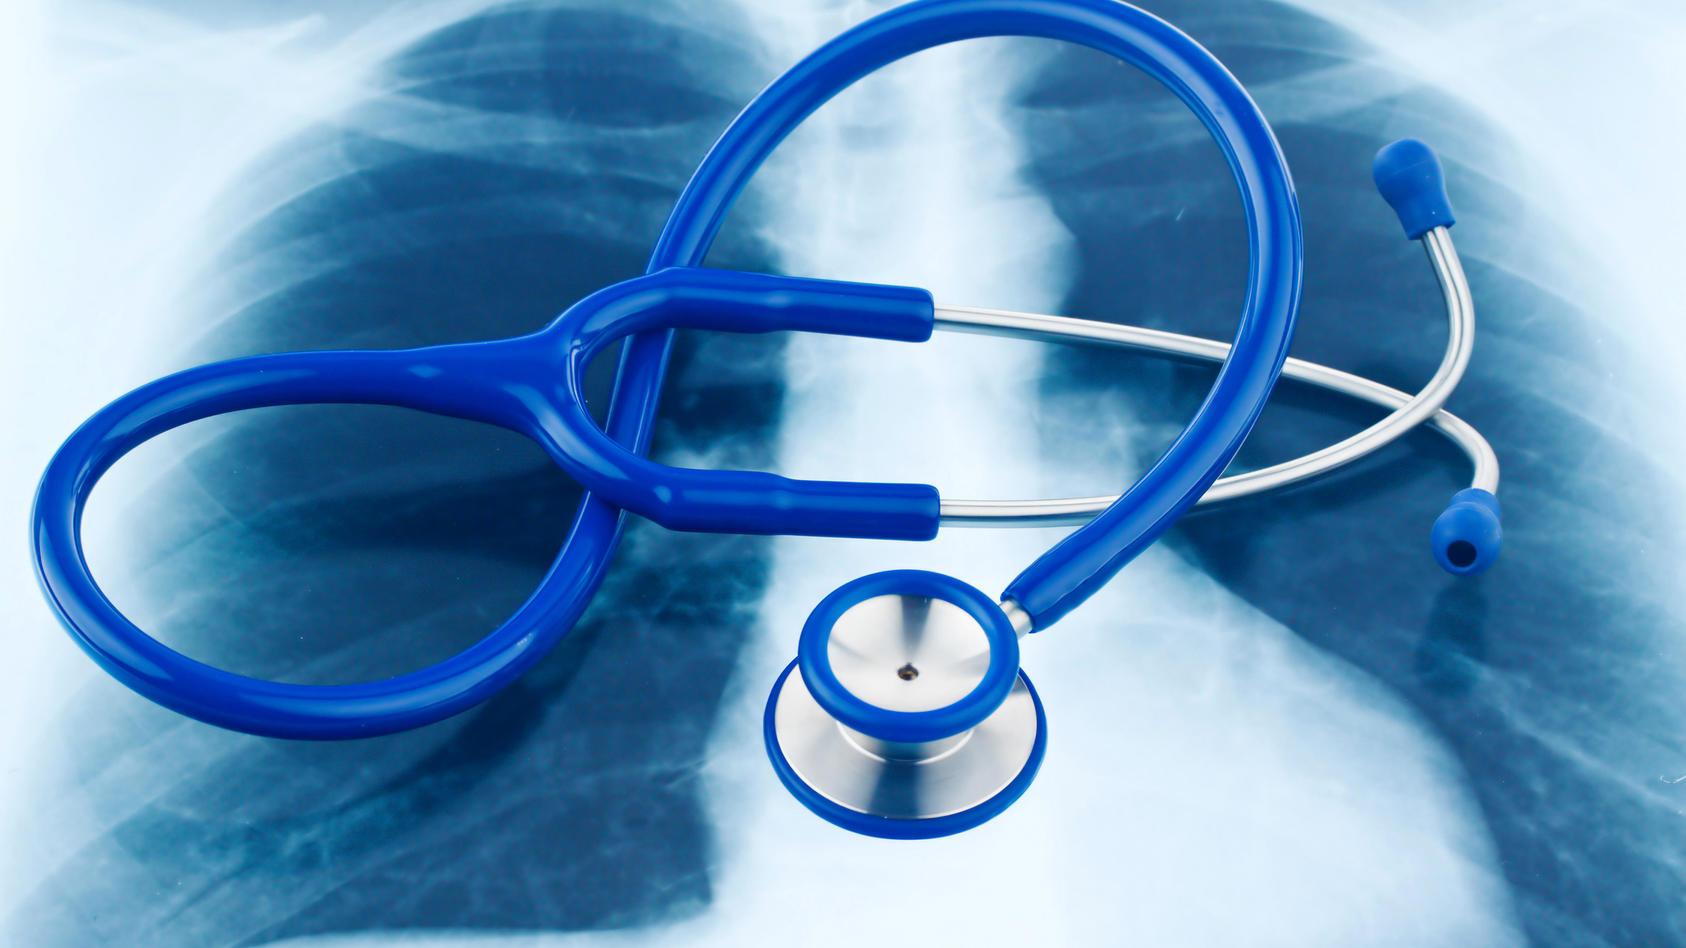 Stethoskop und ein Röntgenbild.